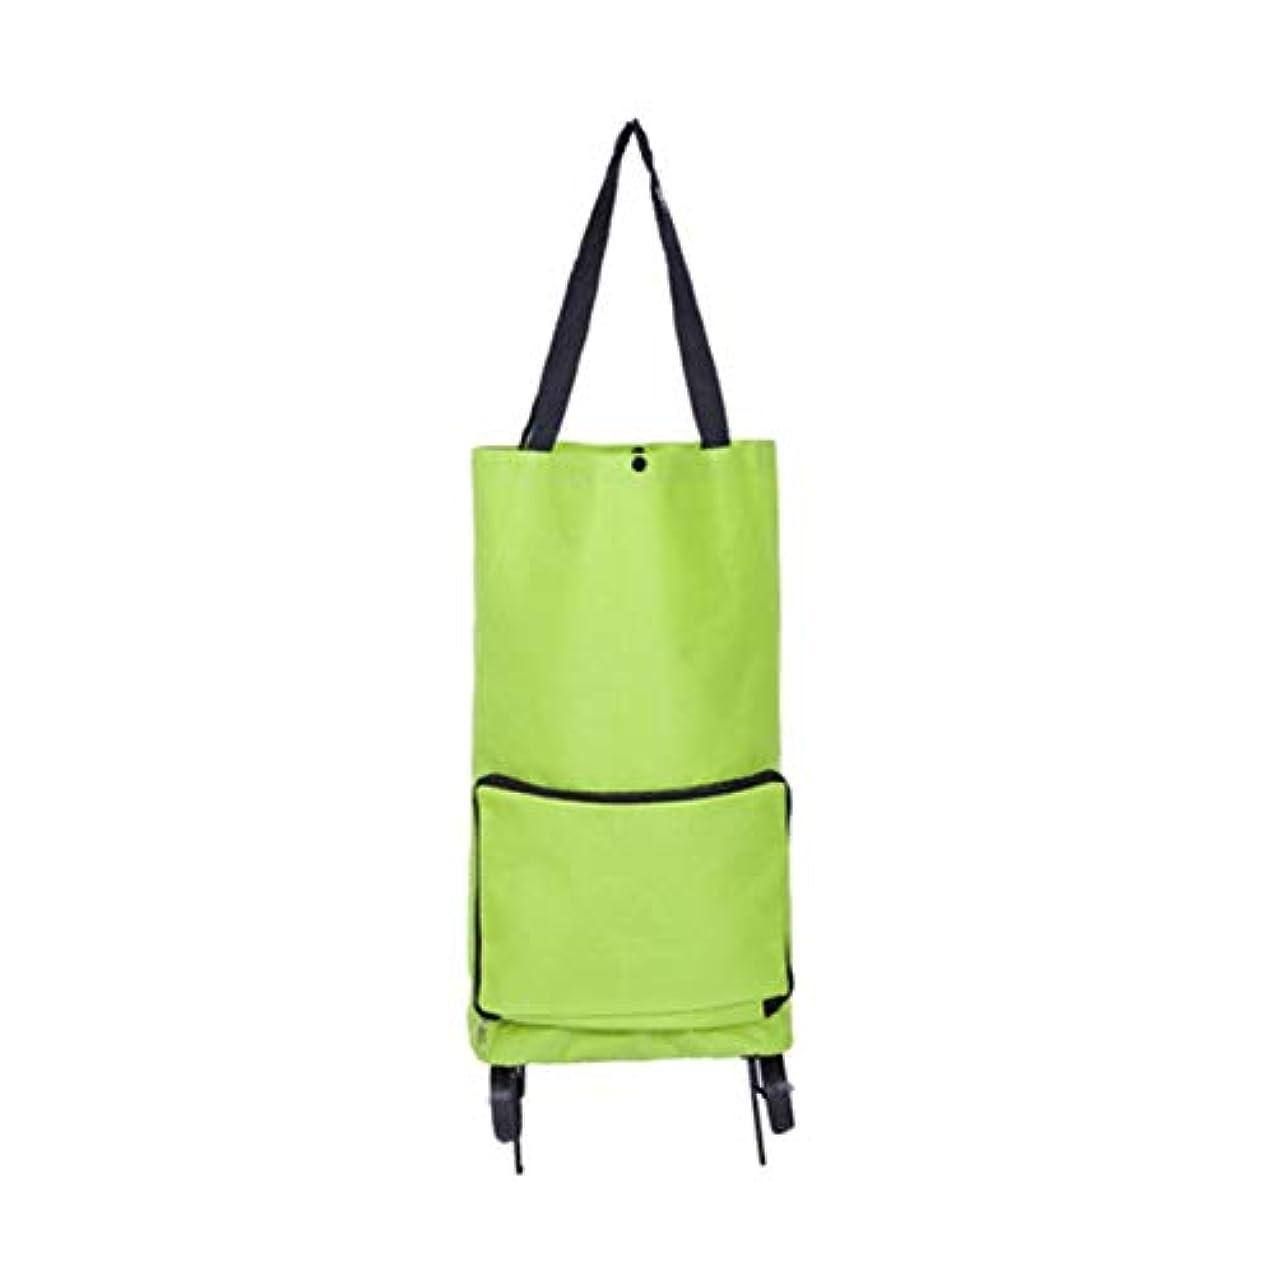 ネブ許される台無しにSaikogoods 多機能防水オックスフォード布折り畳み式SupermarkerショッピングトロリーホイールバッグTravalカート荷物バッグ 緑